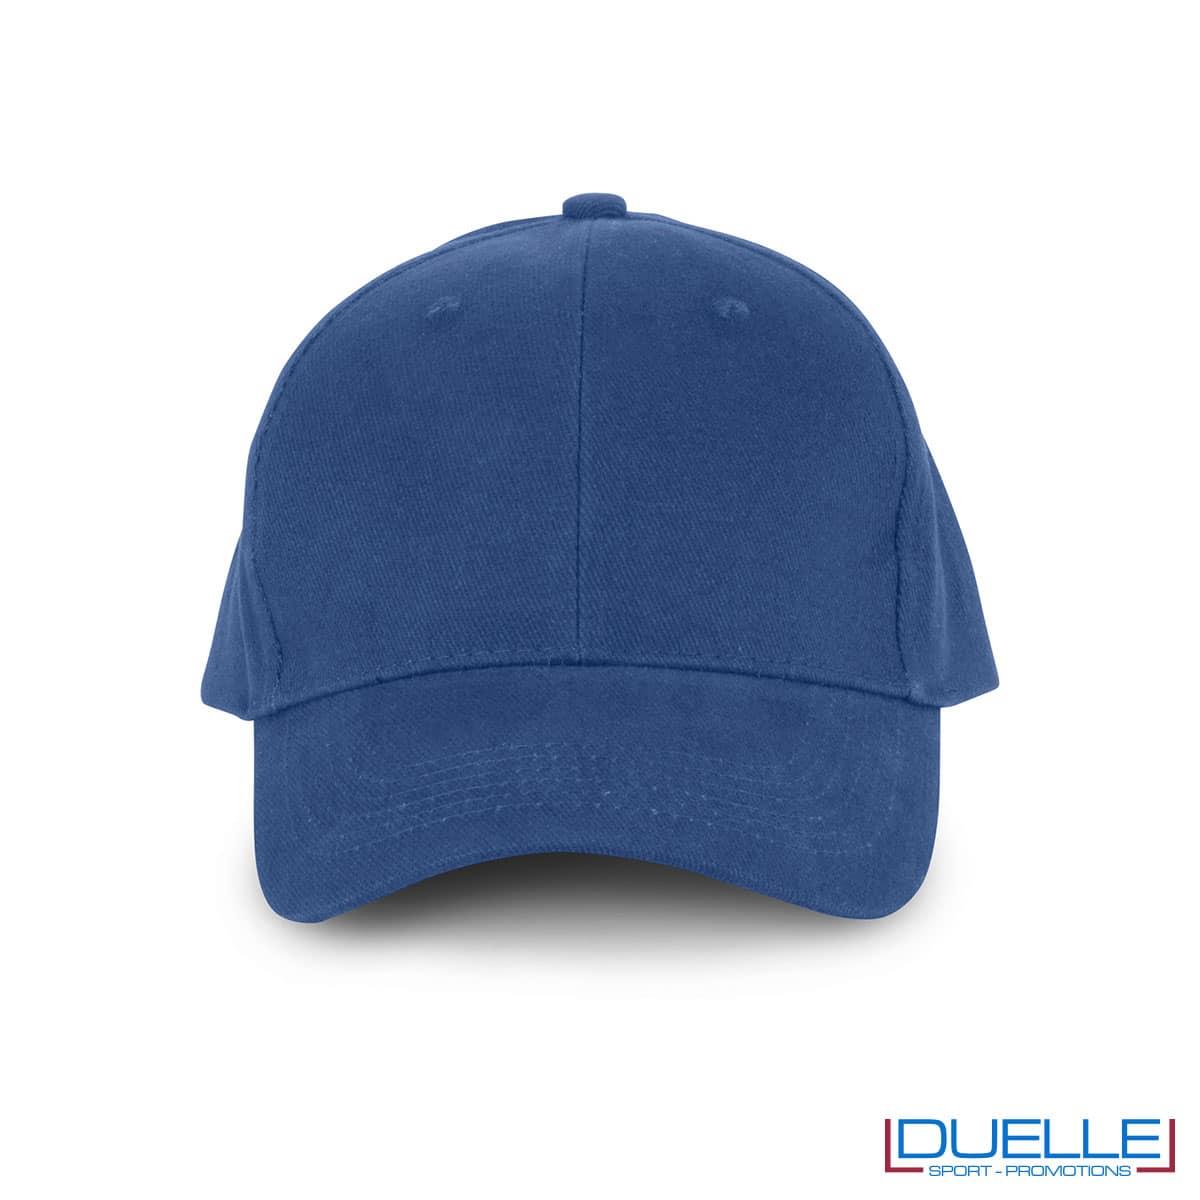 Cappellino in cotone biologico personalizzato con ricamo colore blu royal